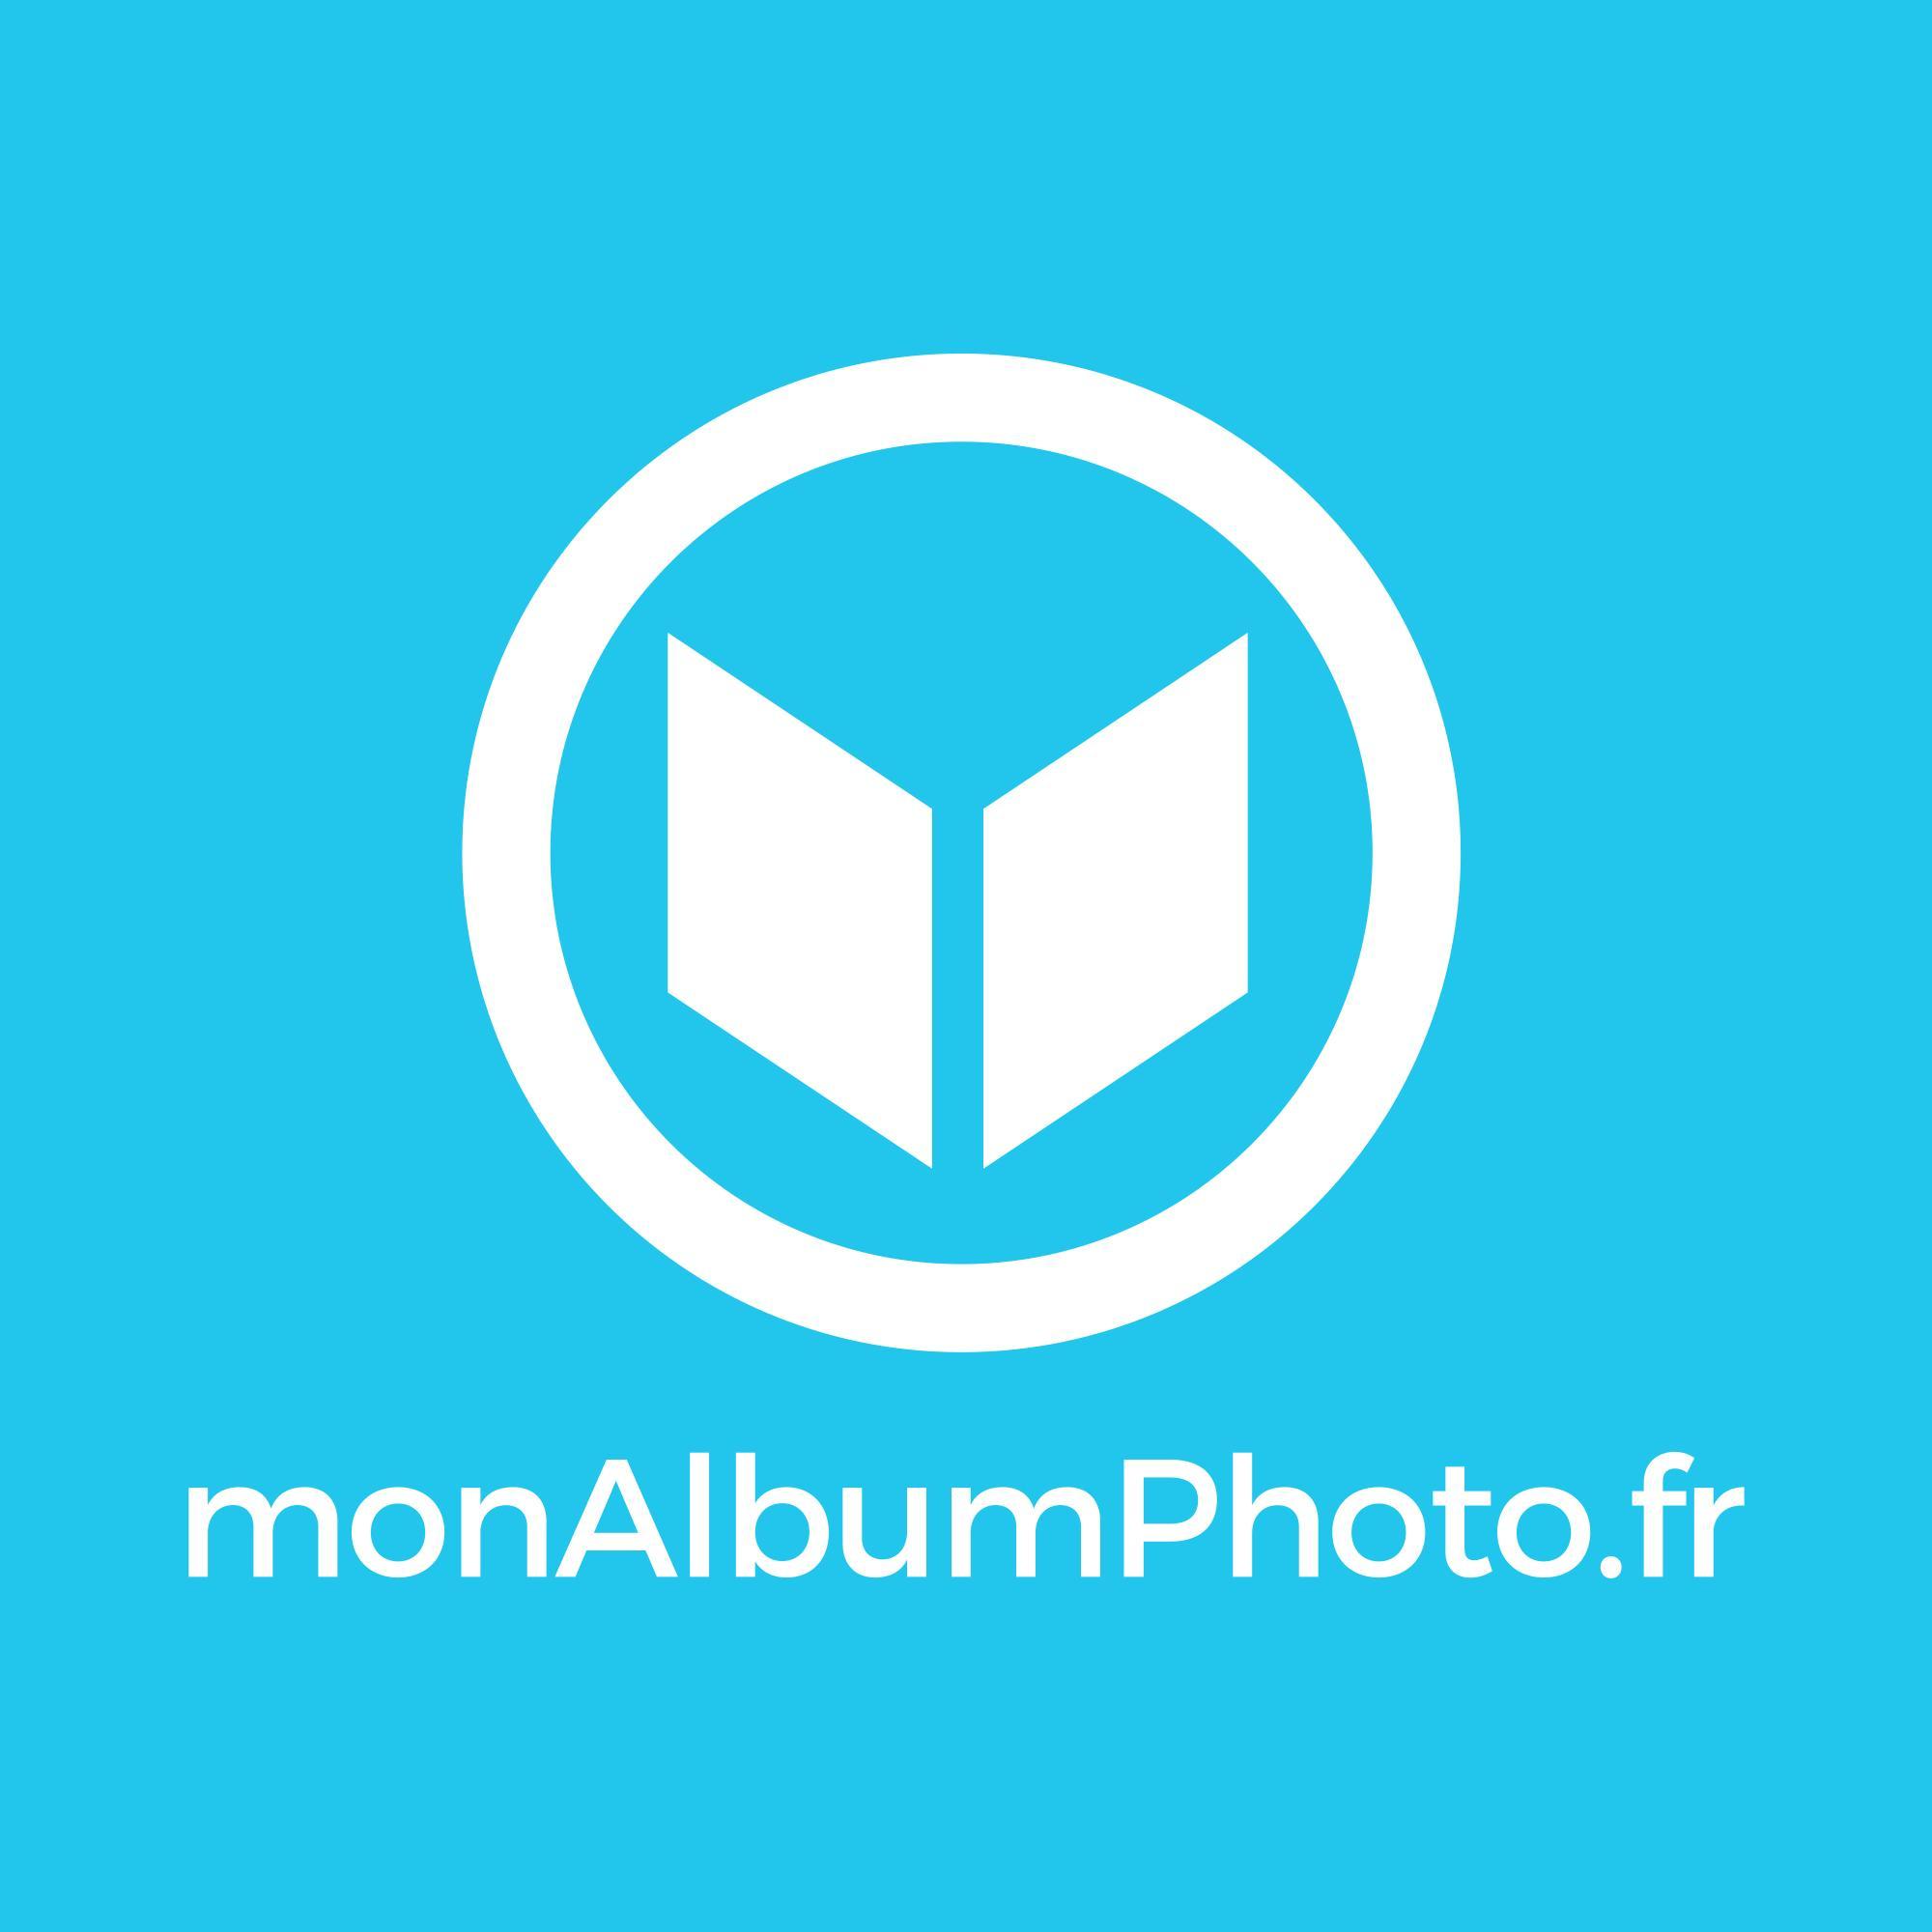 Sélection de promotions sur le site - Ex : 40% de réduction sur tous les livres photo